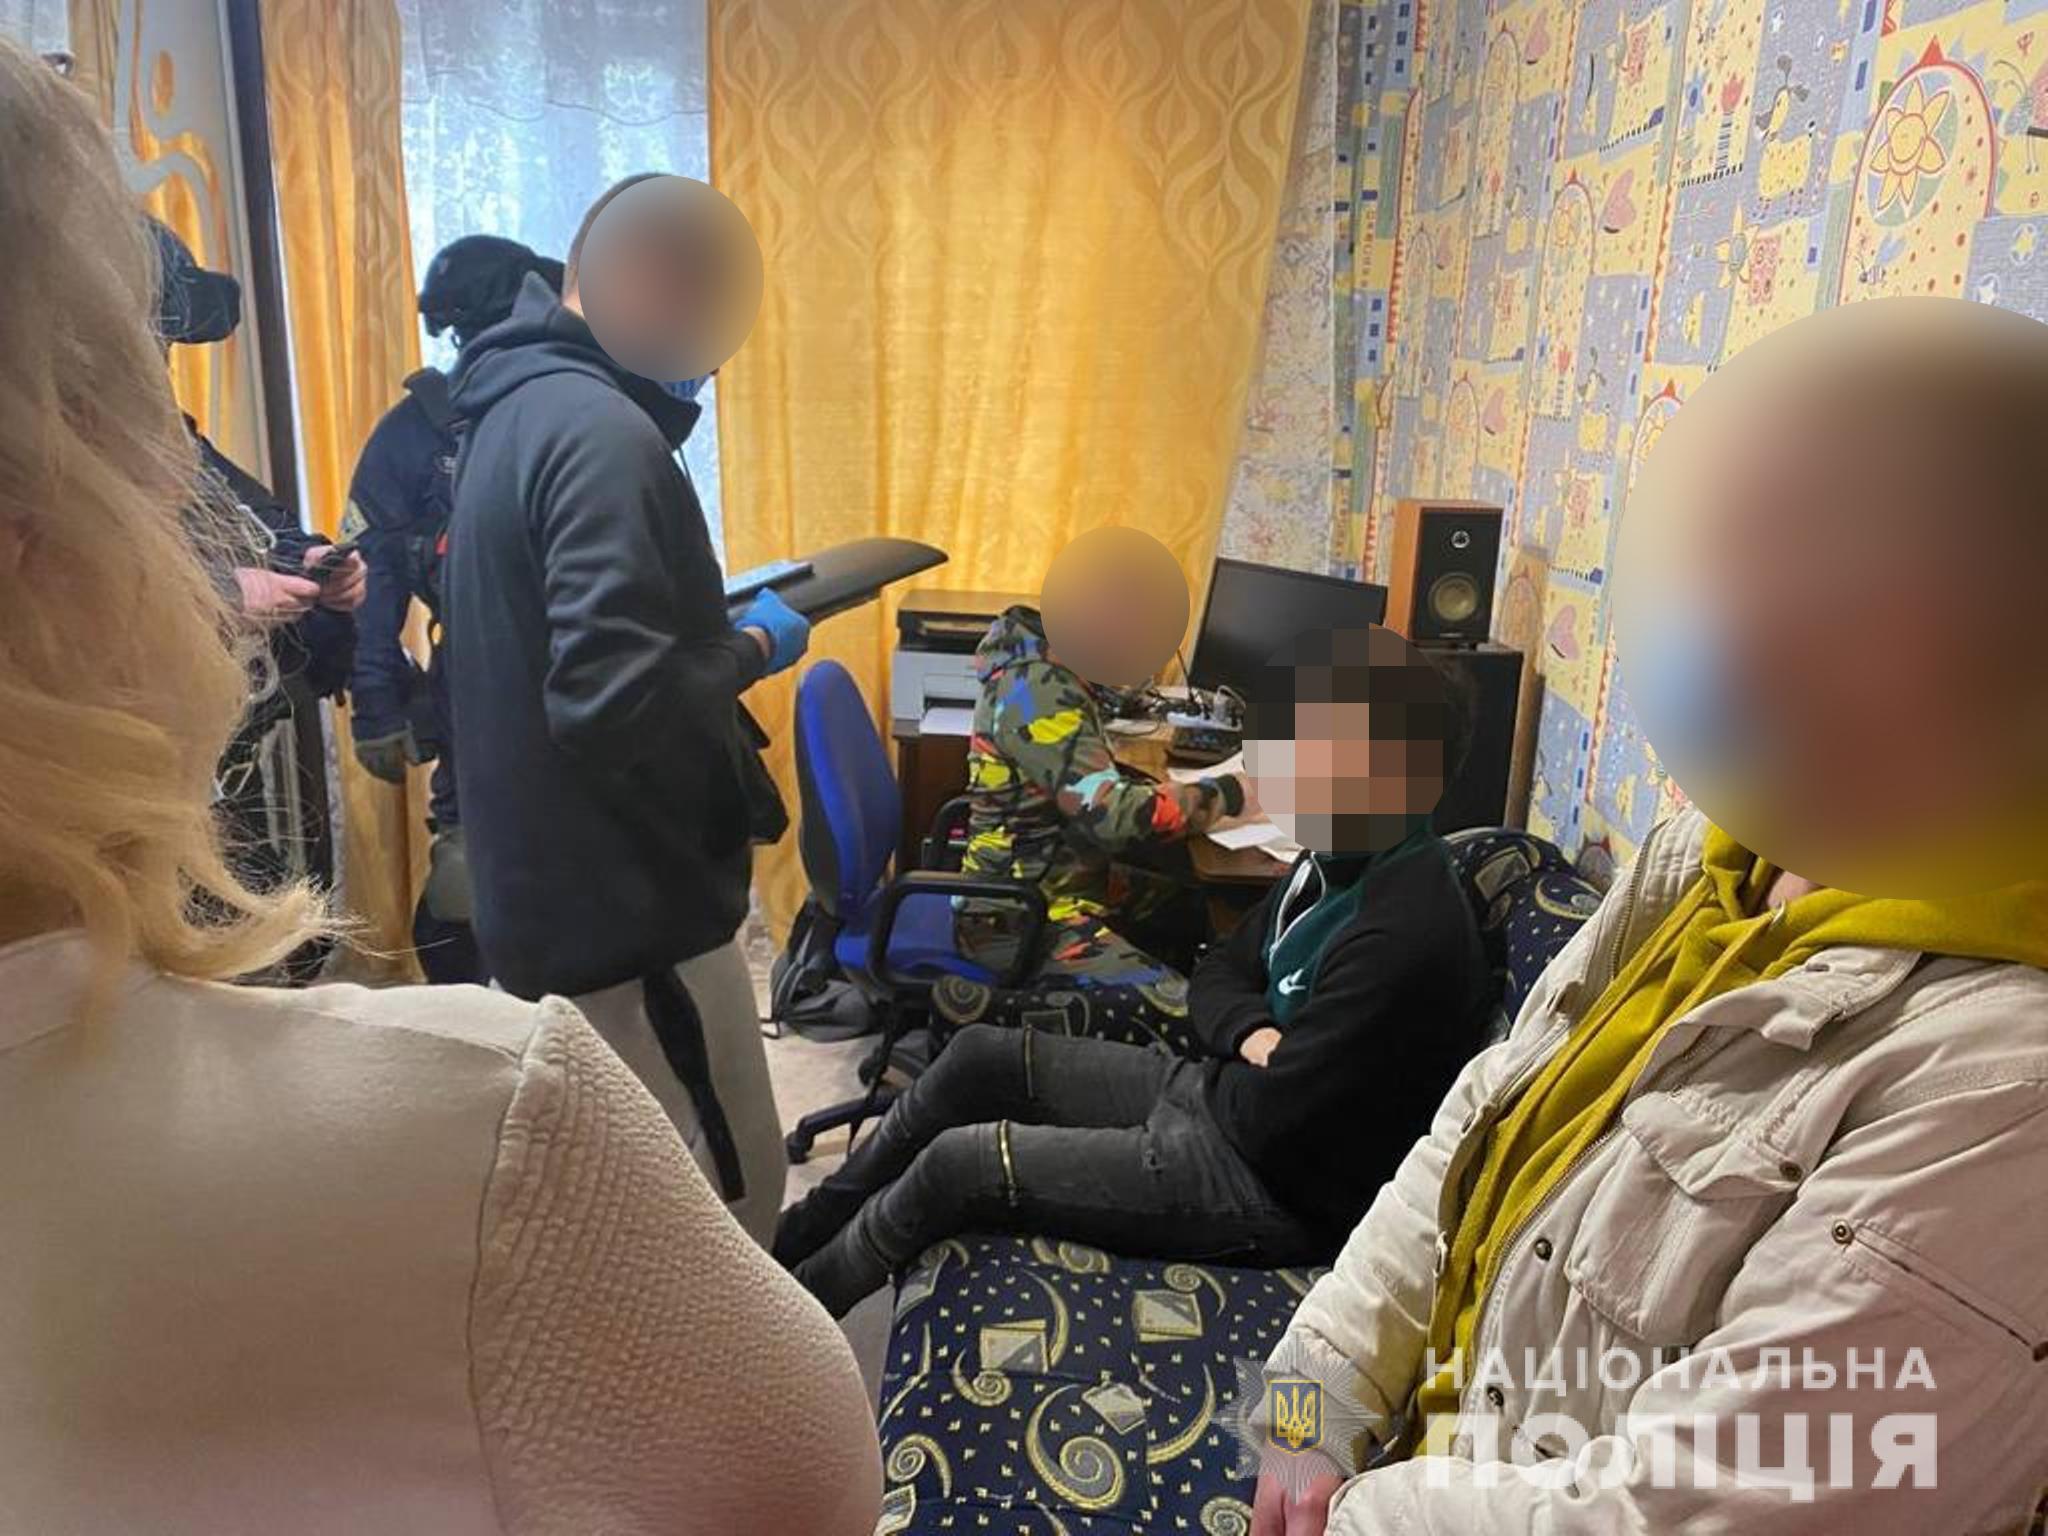 Убийство молодой пары в Харькове: в полиции назвали версию мотива преступления (фото, видео)